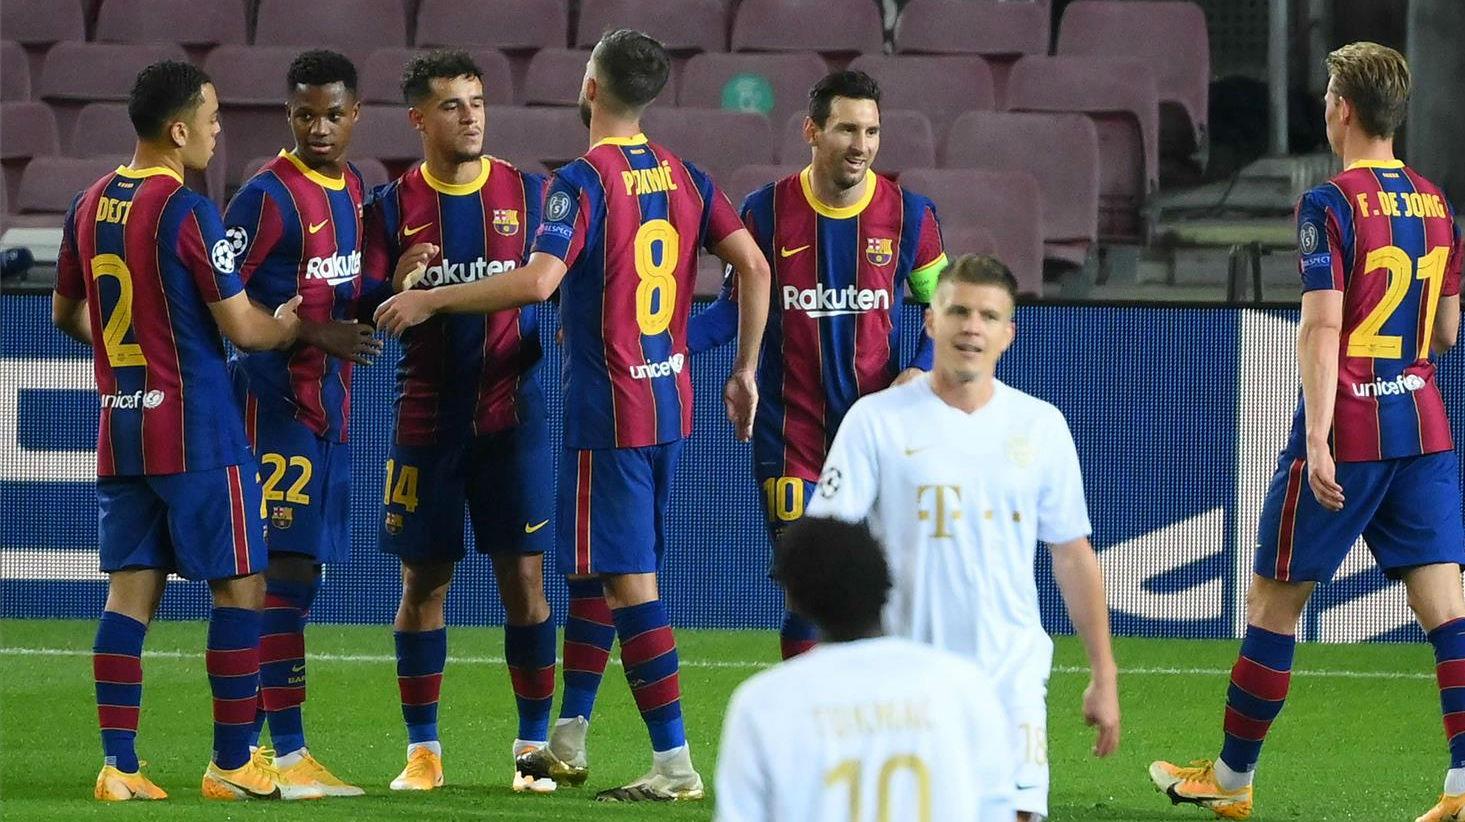 ¡Marca Coutinho, que sigue ganando convicciones!, la narración de Flaquer